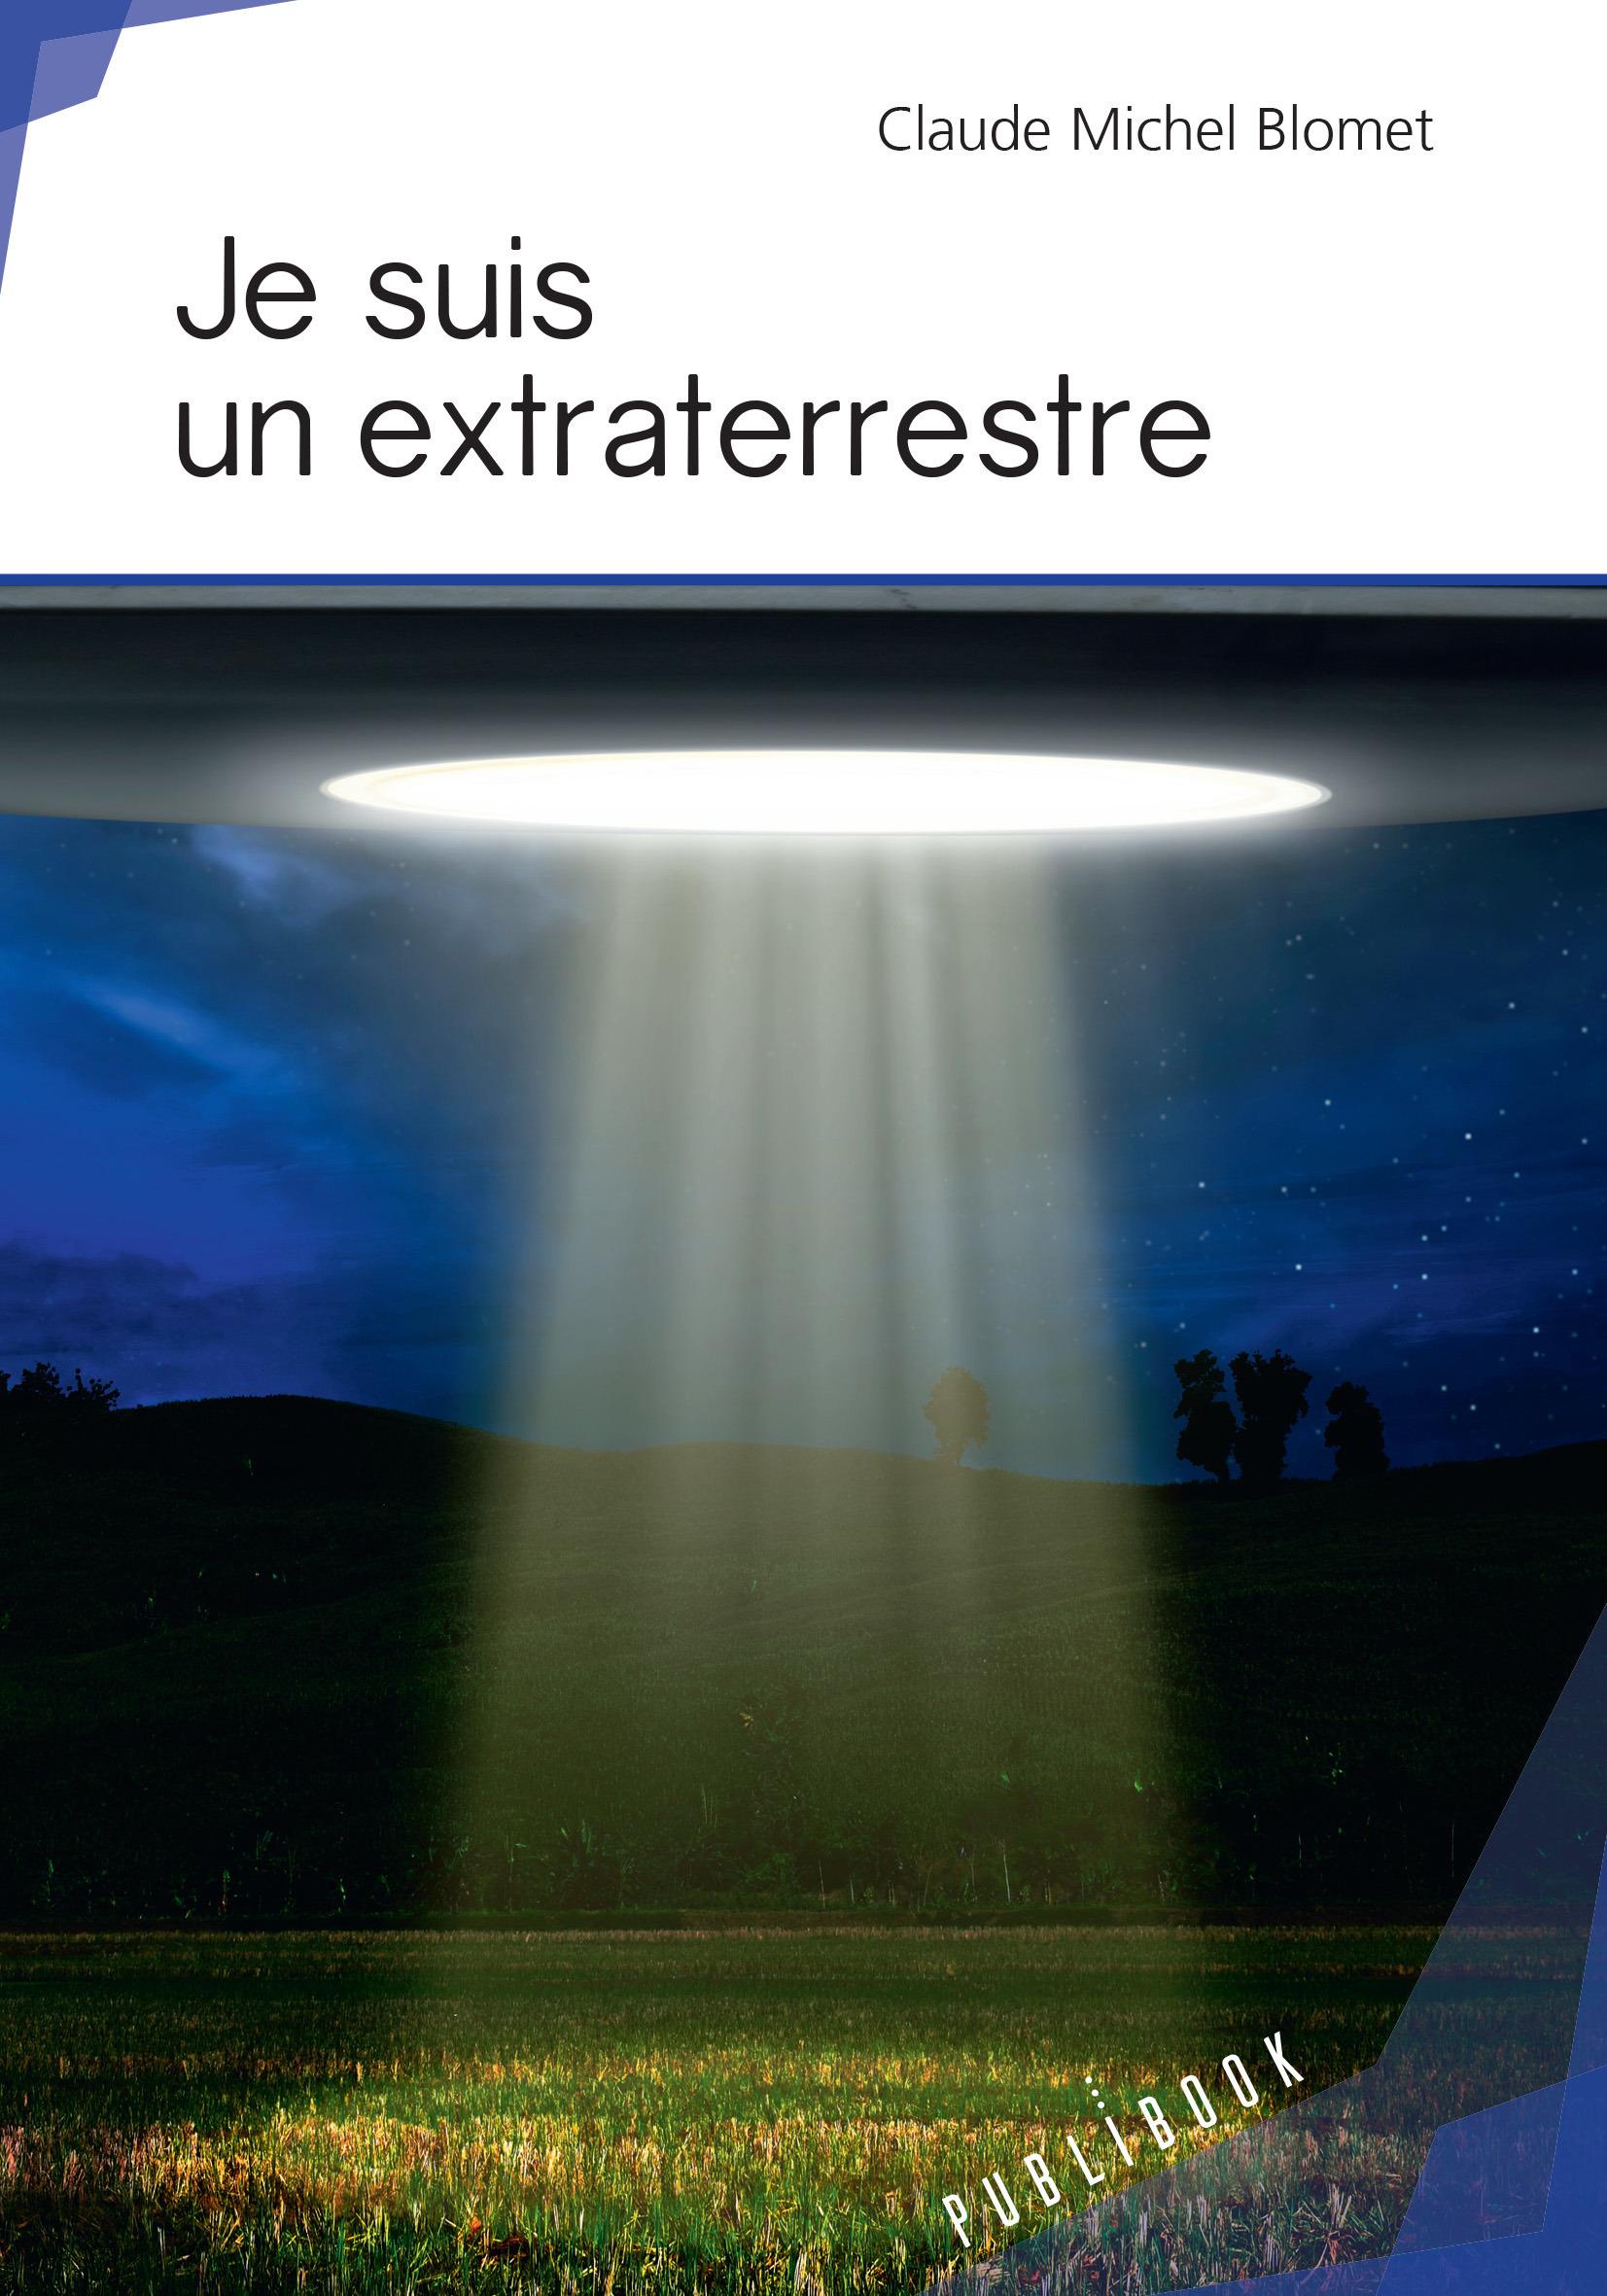 Je suis un extraterrestre  - Claude Michel Blomet